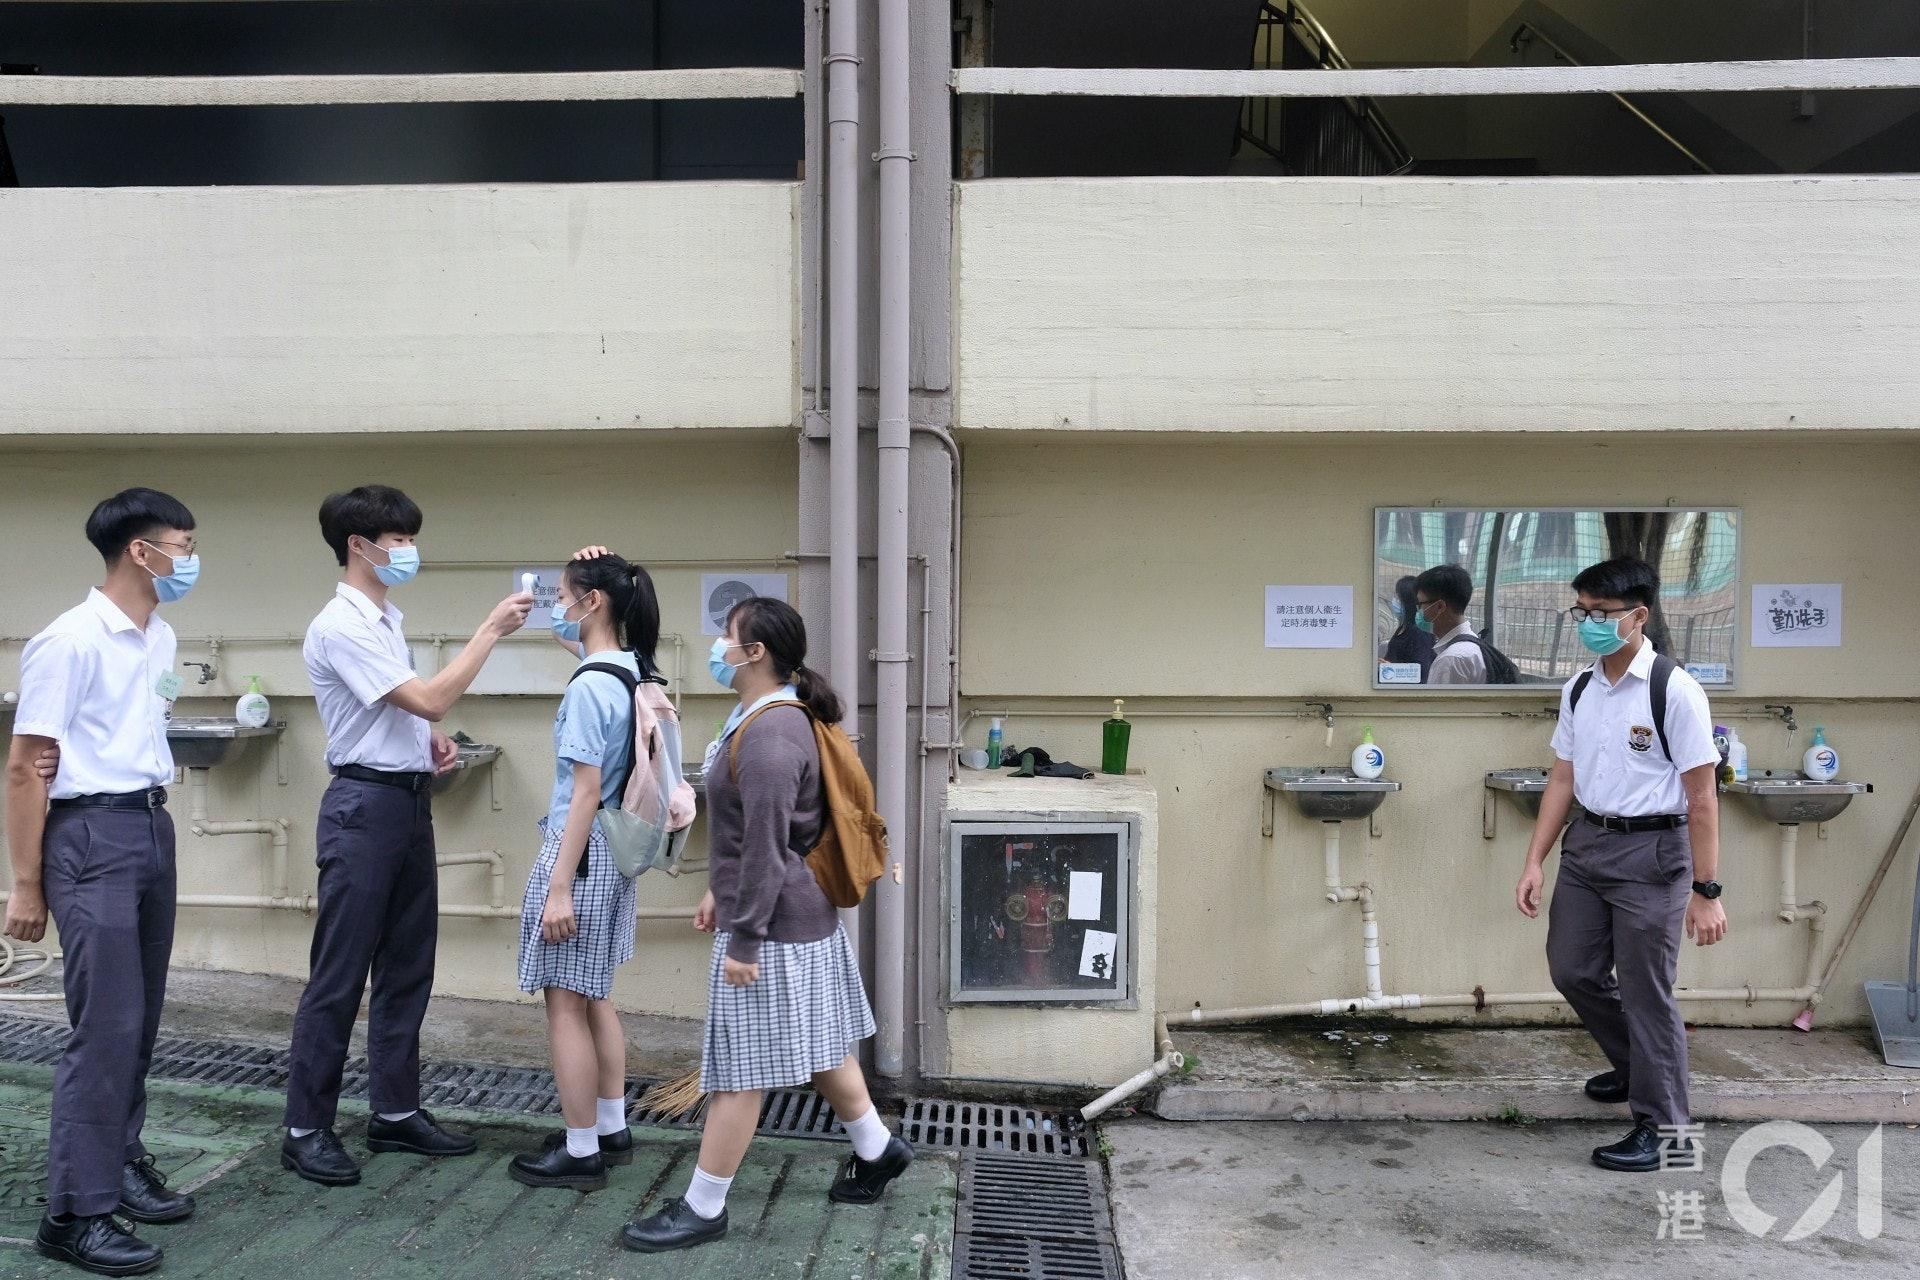 教育局局長楊潤雄指,中學可安排個別班別,包括中一至中六,可回校半天上課,回校學生數量限於全校六分一為上限。(資料圖片/歐嘉樂攝)